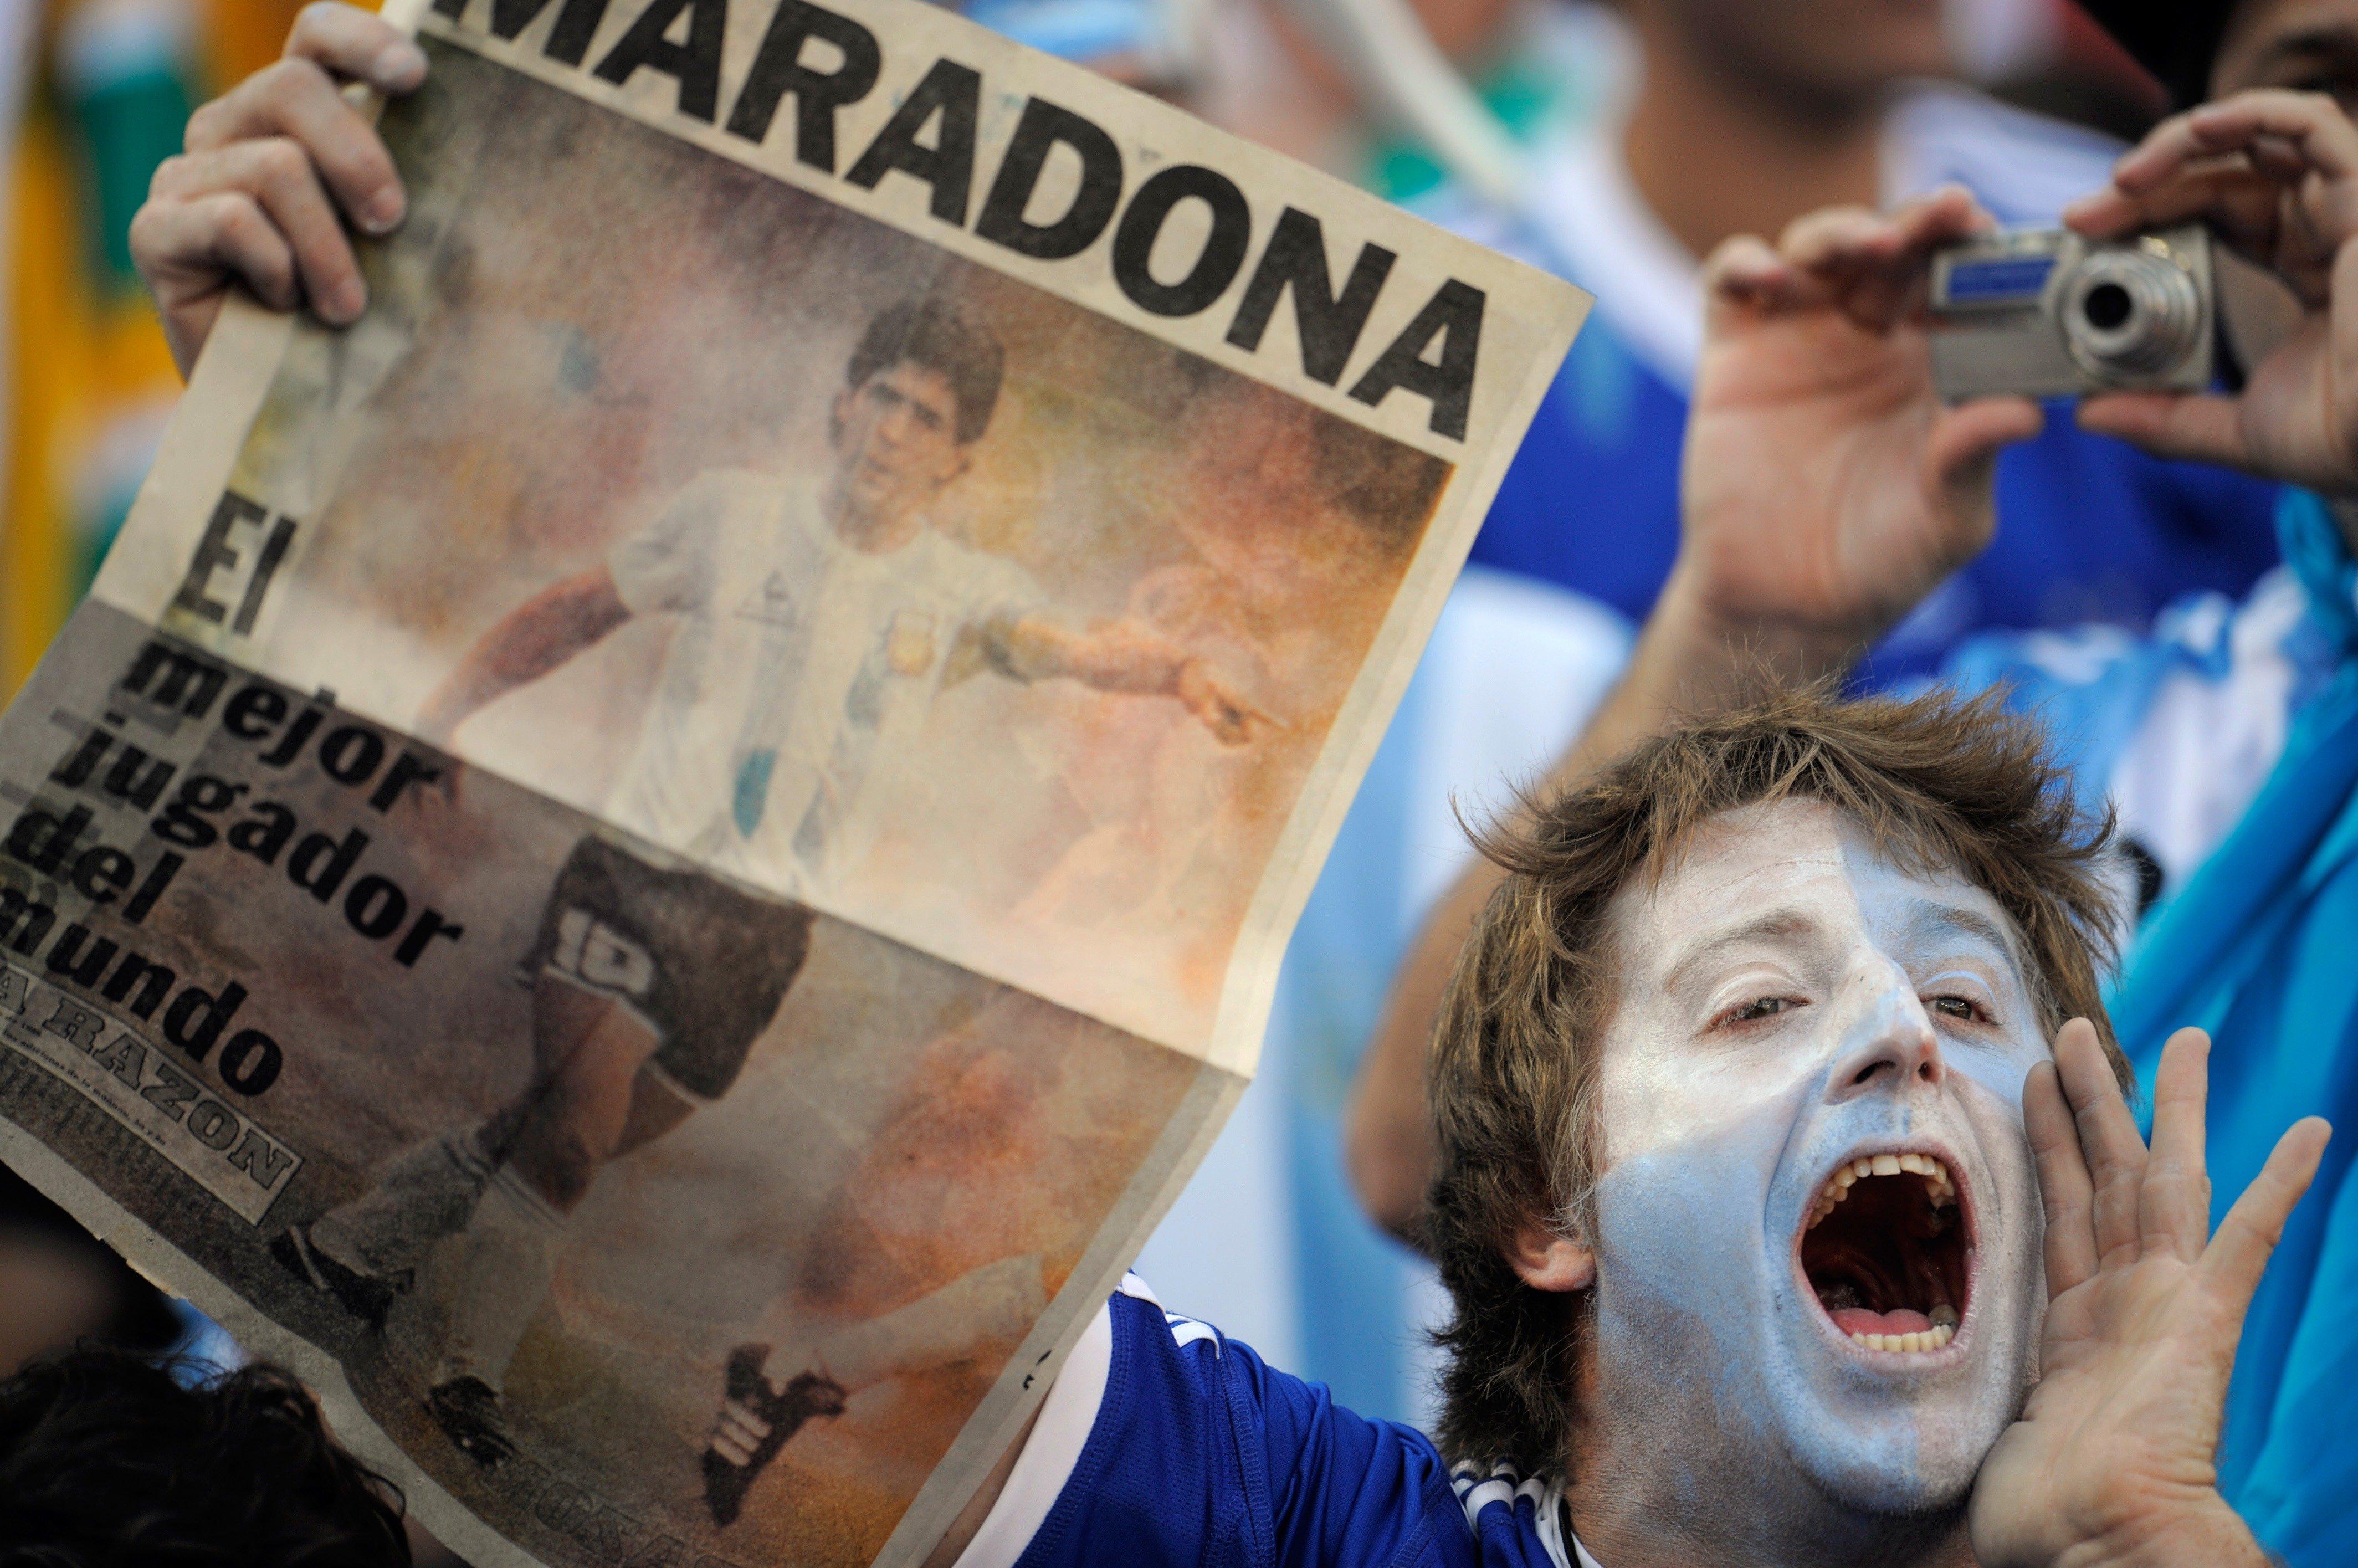 Аргентинские болельщики даже спустя годы боготворят своего кумира Диего Армандо Марадону.